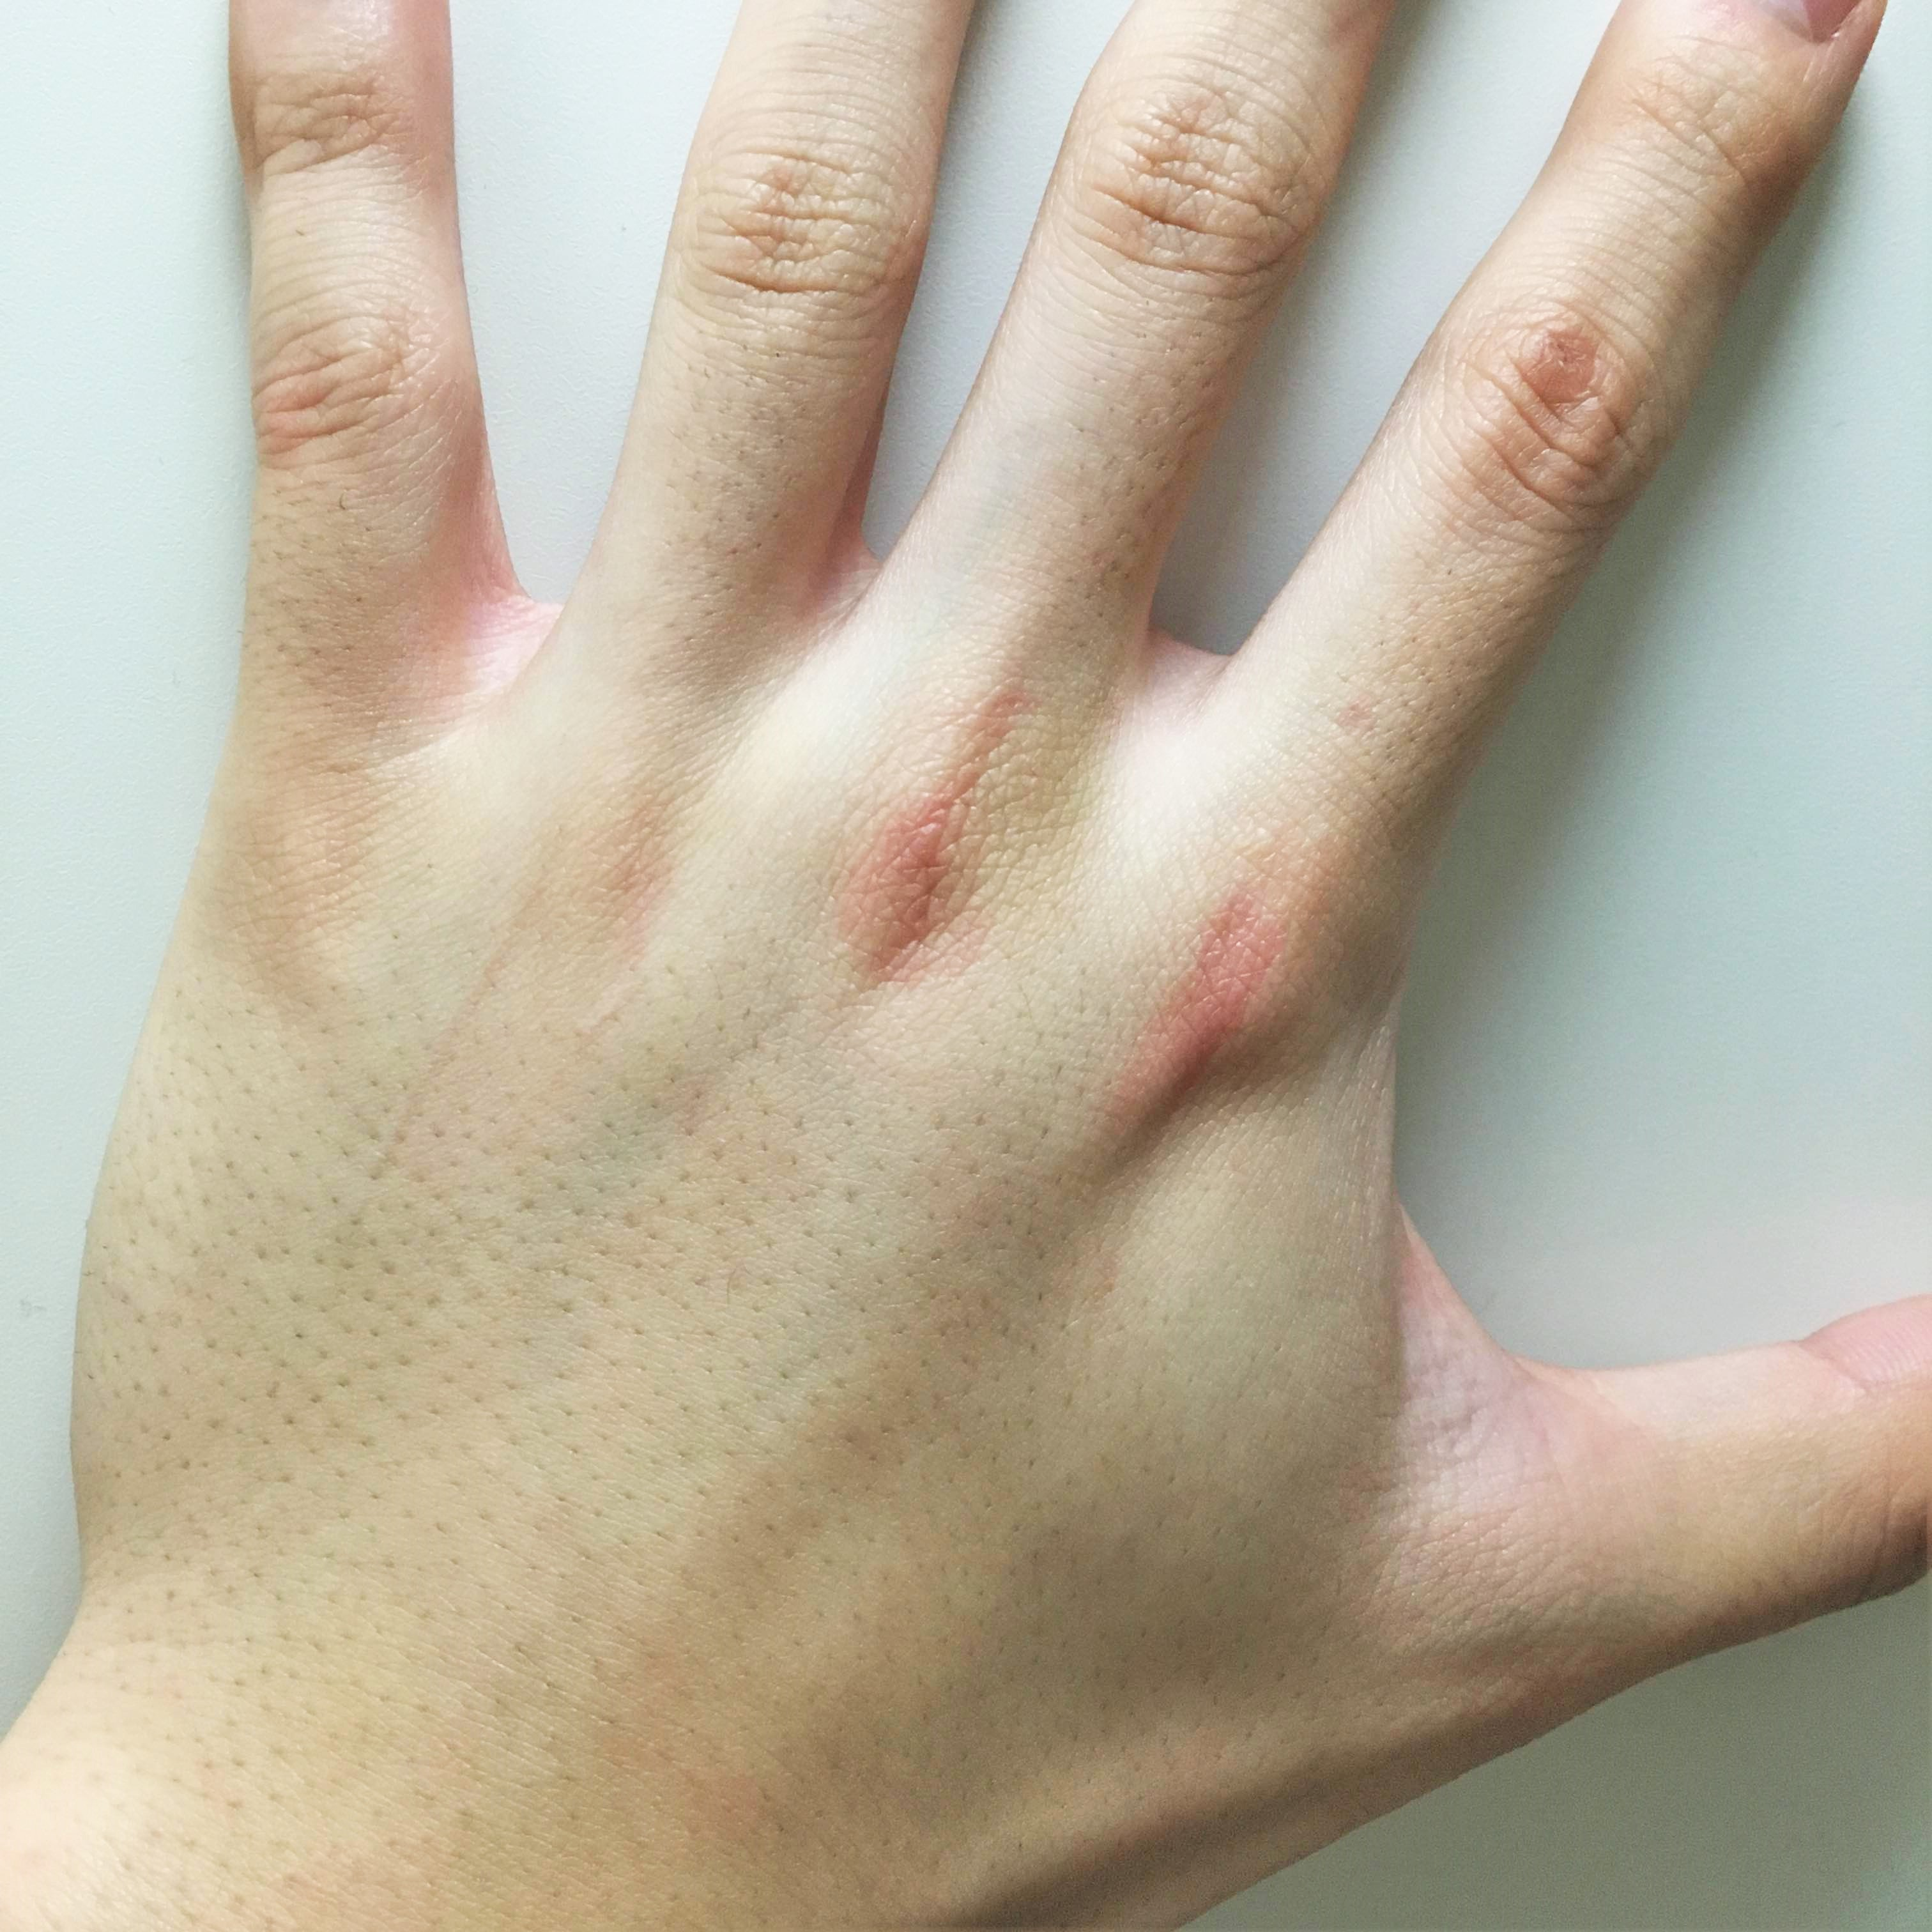 村上純一さん肛門周り・男性器・手背手指1回目